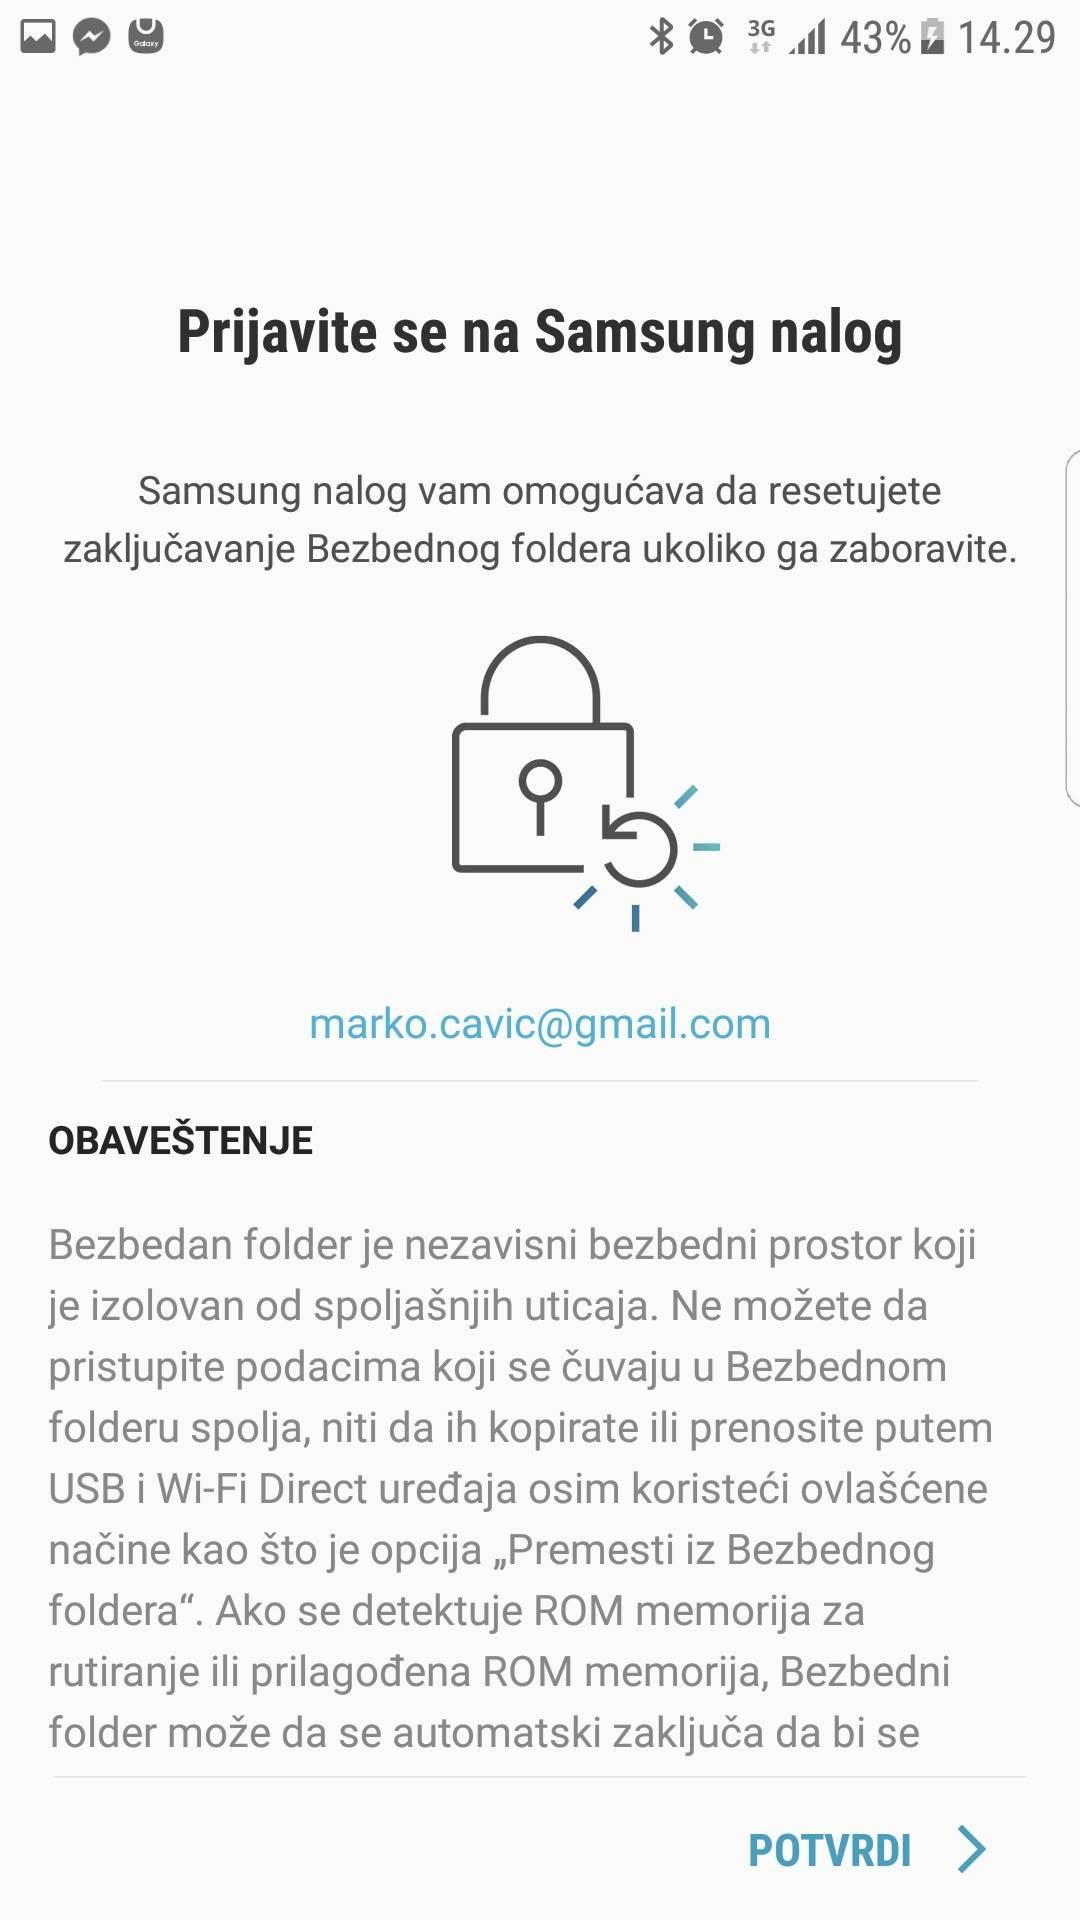 Samo za vaše oči: Bezbedan Folder krije sve (FOTO)